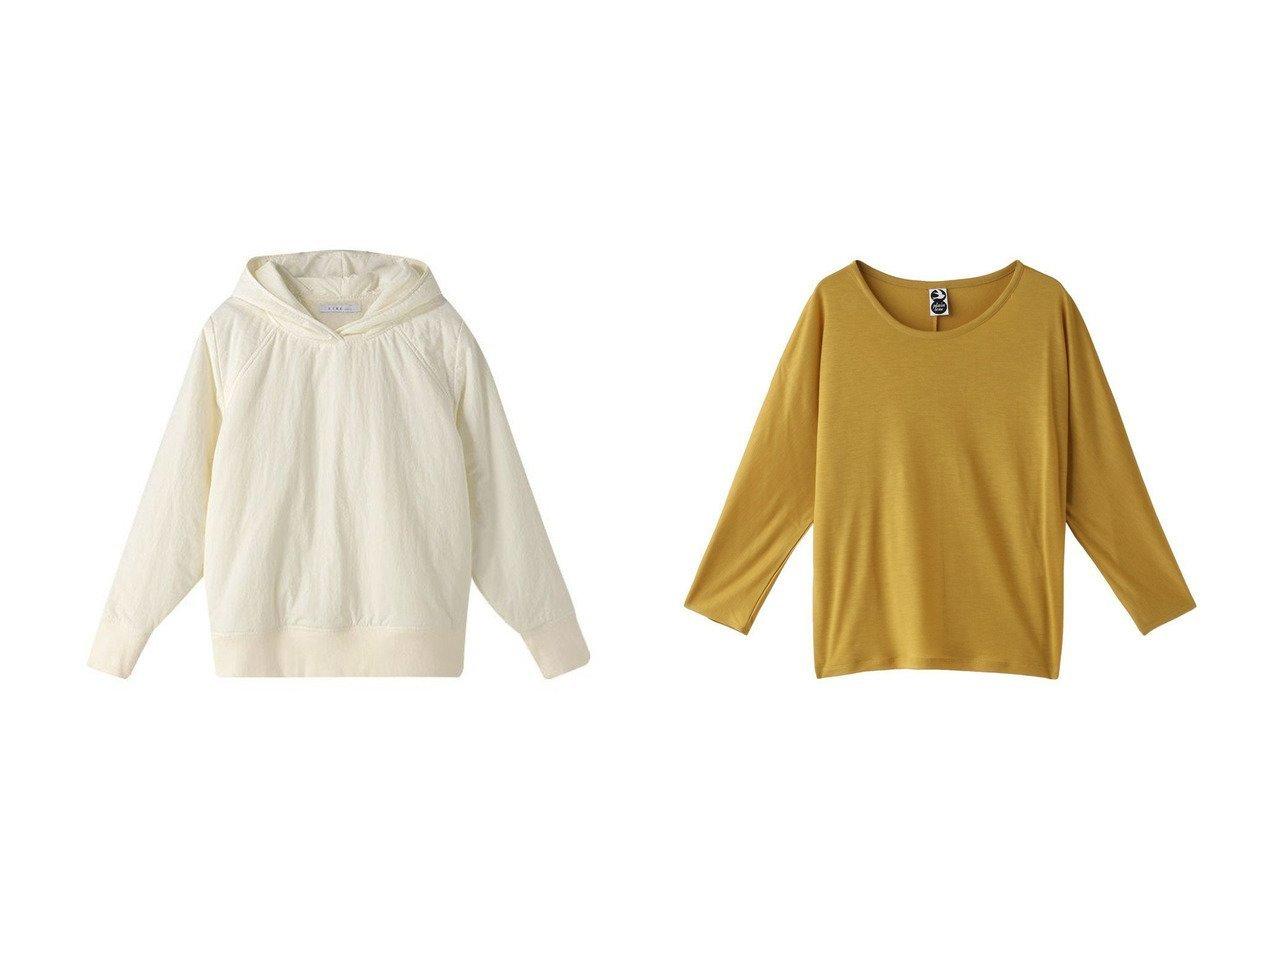 【PLAIN PEOPLE/プレインピープル】の【plainless】テンセルキュプラカットソー&【ETRE TOKYO/エトレトウキョウ】のパディングフーディー トップス・カットソーのおすすめ!人気、トレンド・レディースファッションの通販 おすすめで人気の流行・トレンド、ファッションの通販商品 メンズファッション・キッズファッション・インテリア・家具・レディースファッション・服の通販 founy(ファニー) https://founy.com/ ファッション Fashion レディースファッション WOMEN トップス Tops Tshirt シャツ/ブラウス Shirts Blouses パーカ Sweats ロング / Tシャツ T-Shirts スウェット Sweat カットソー Cut and Sewn キルティング タフタ 今季 防寒 インナー カットソー シンプル スリーブ ロング |ID:crp329100000011026